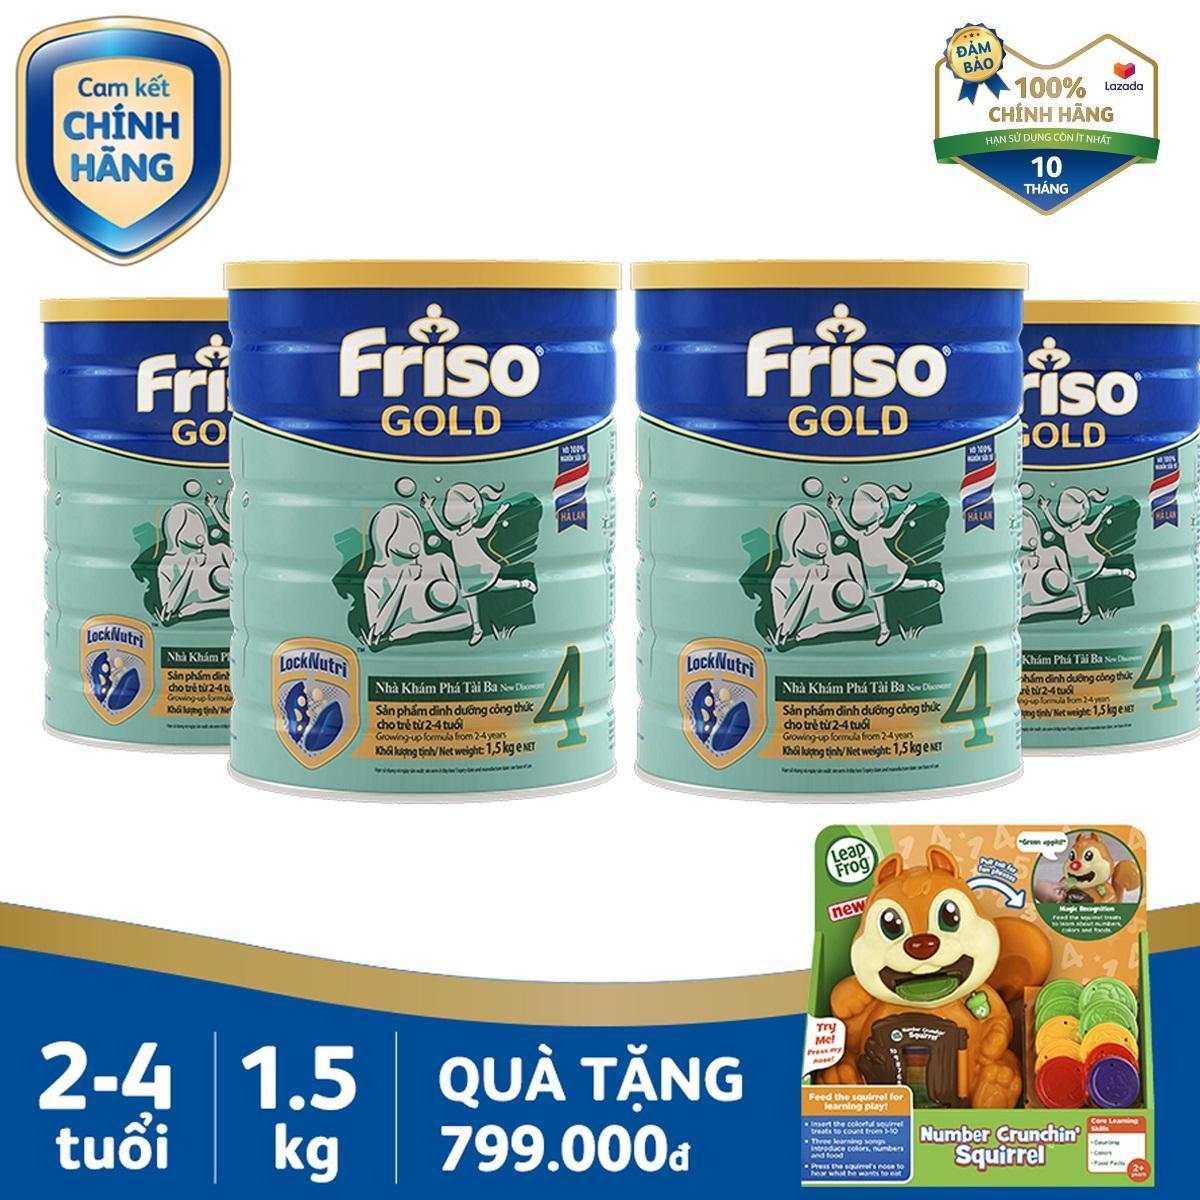 Bộ 4 Lon Sữa Bột Friso Gold 4 1.5kg Cho Trẻ Từ 2-4 Tuổi + Tặng 1 Sóc Con Leapfrog Trị Giá 799k - Cam Kết HSD ít Nhất 10 Tháng Đang Ưu Đãi Cực Đã